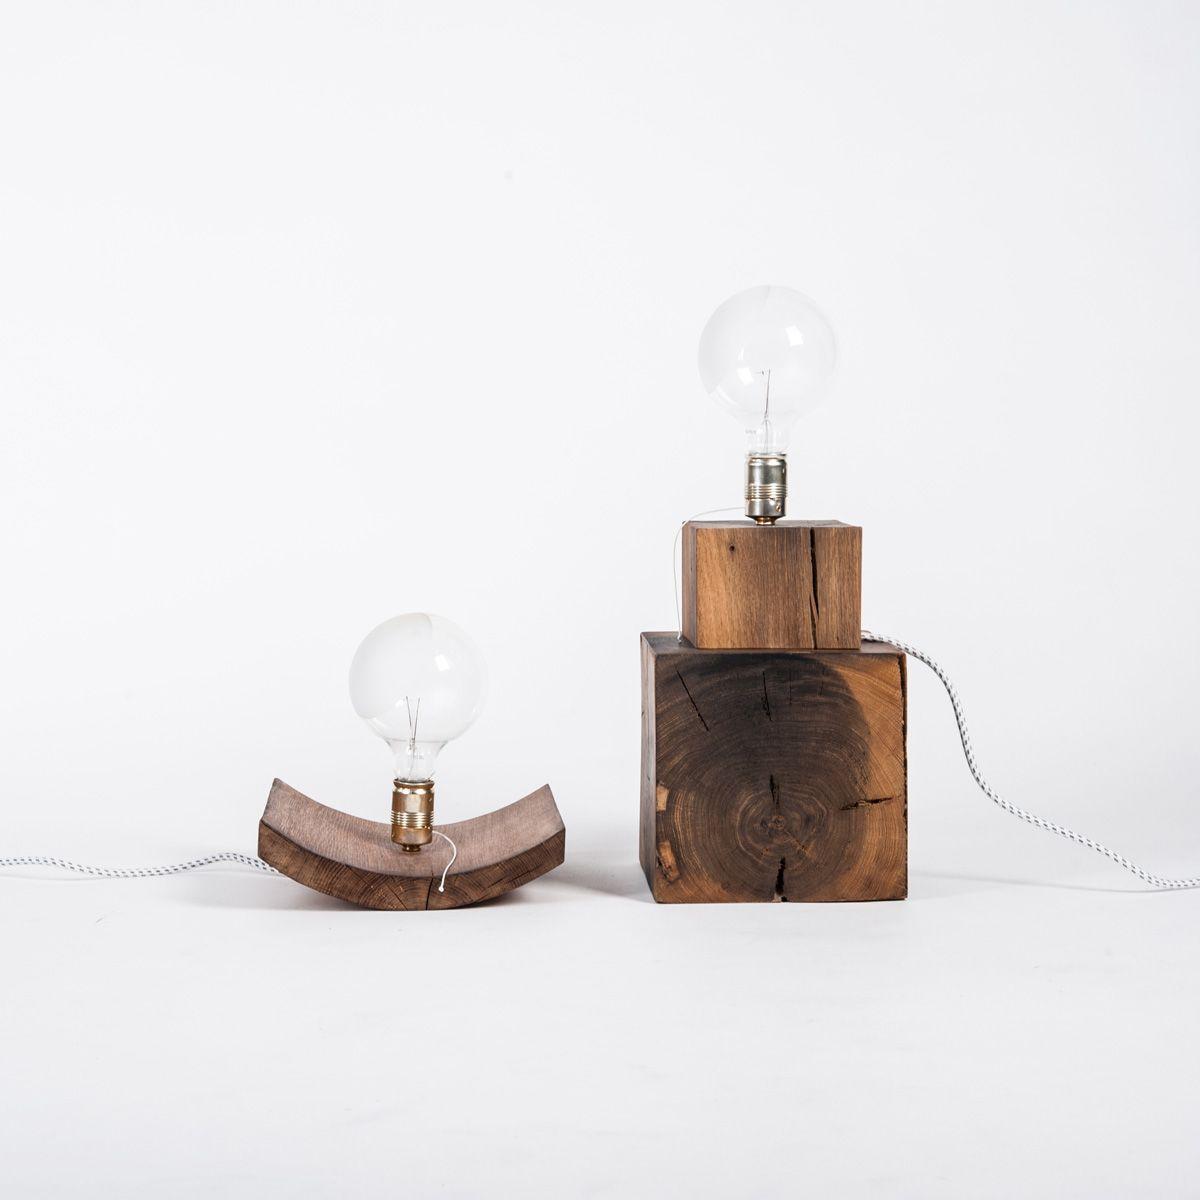 Lampe ELLEN und Lampe BALDUR auf Würfel ALTO, JK.